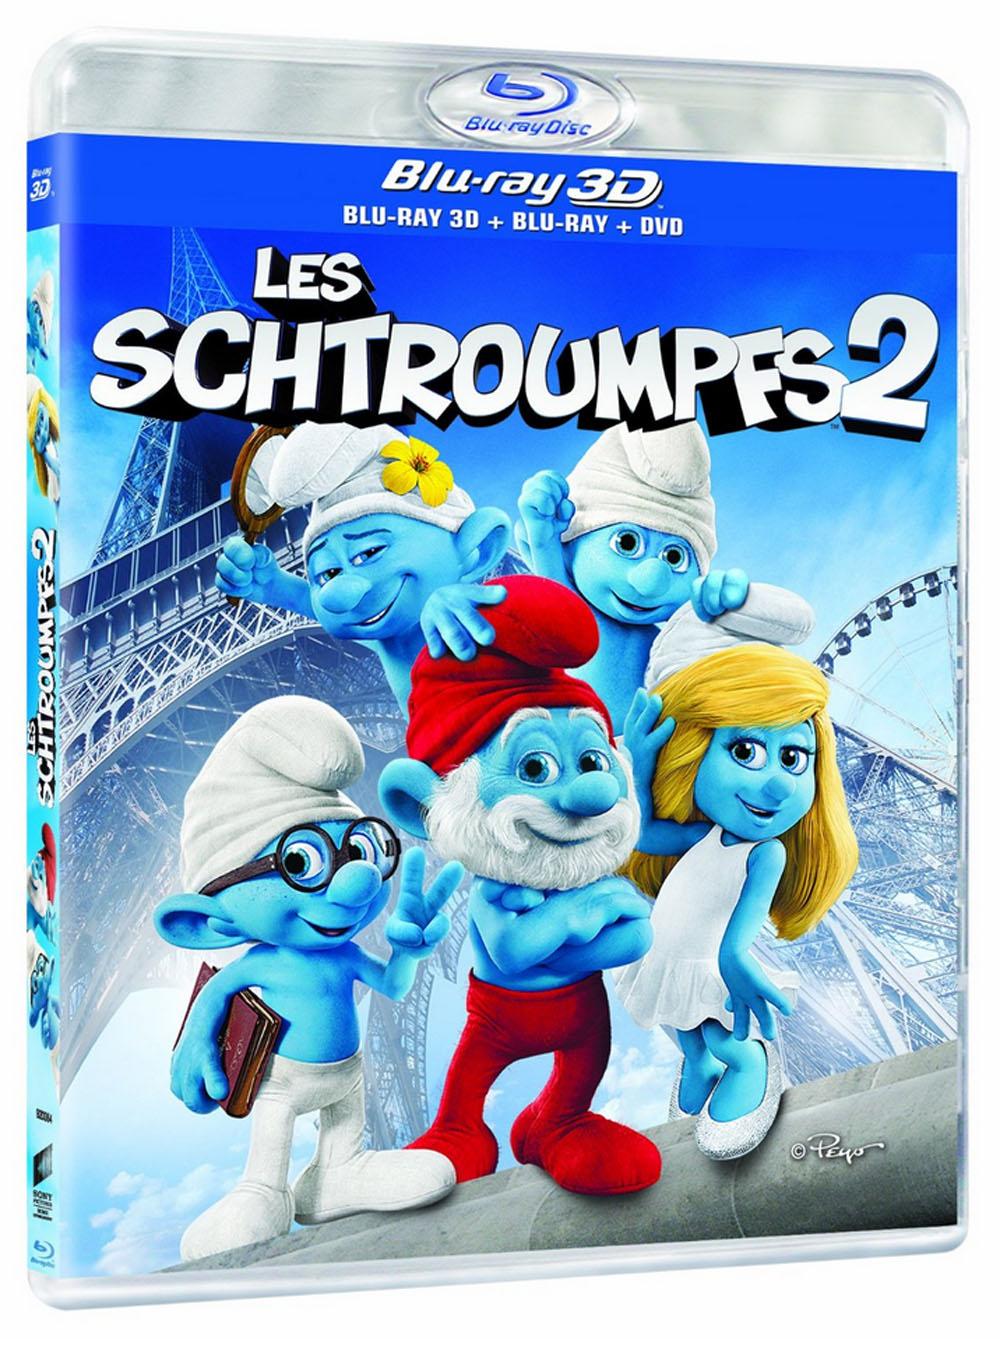 Les schtroumpfs 2 en blu ray bd 3d dvd schtroumpf toujours - Schtroumpf grincheux ...